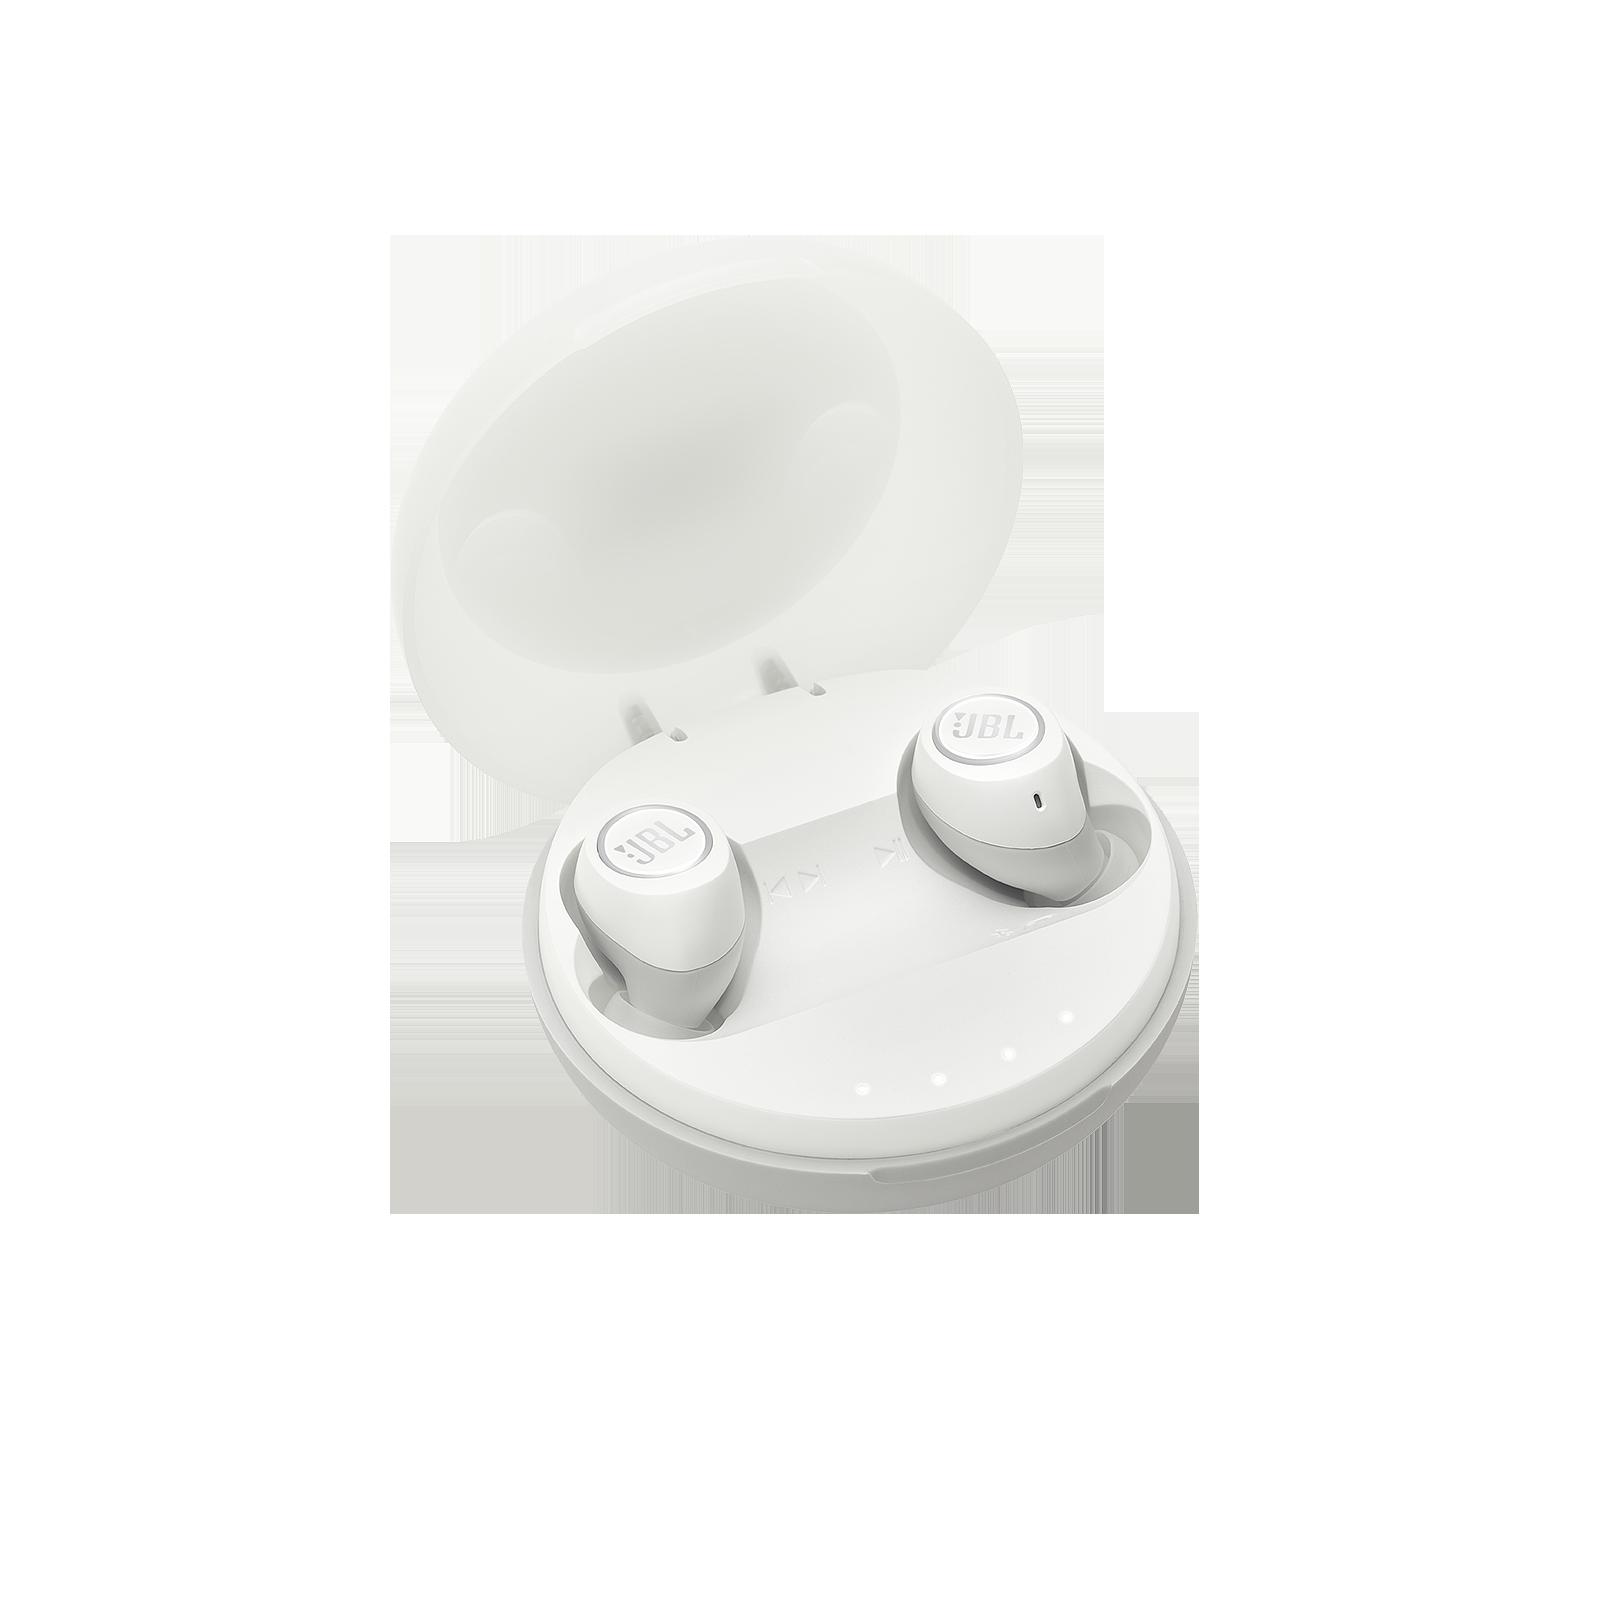 JBL Free X - White - True wireless in-ear headphones - Hero